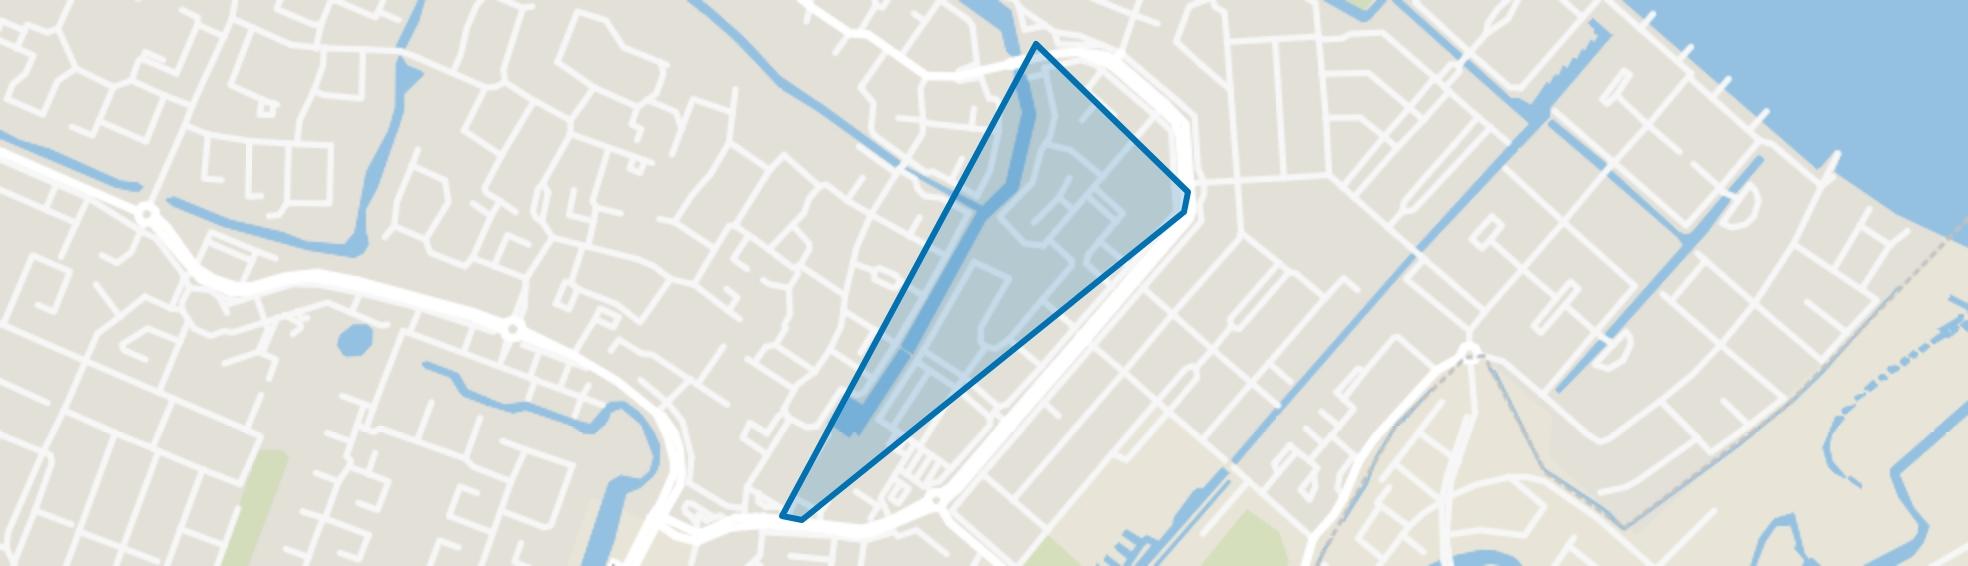 Bovenmaat West, Huizen map